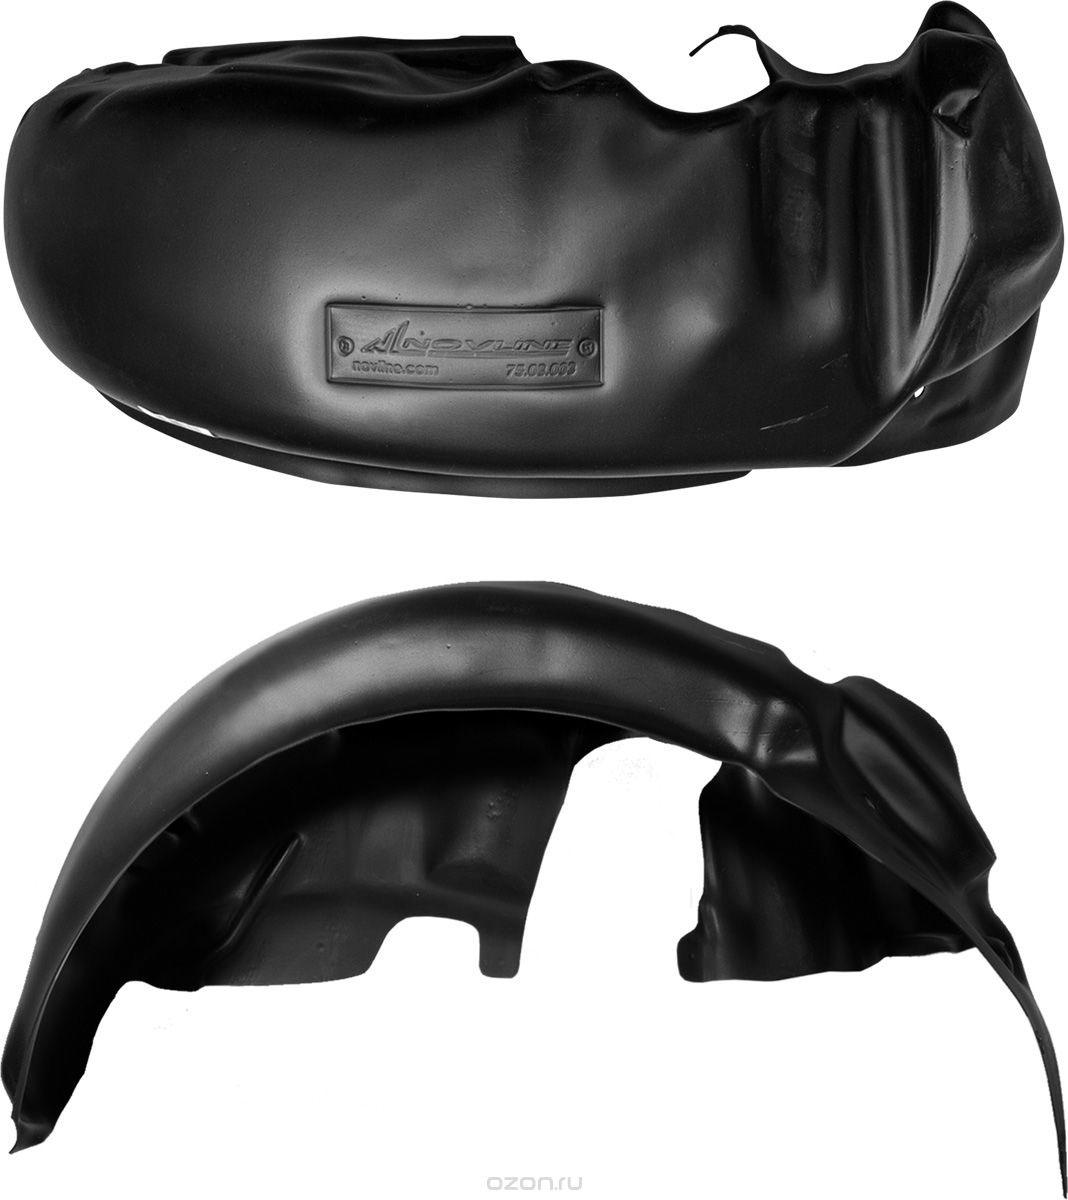 Подкрылок Novline-Autofamily, для ВАЗ 2113-15 1997-2013, передний правый000712Идеальная защита колесной ниши. Локеры разработаны с применением цифровых технологий, гарантируют максимальную повторяемость поверхности арки. Изделия устанавливаются без нарушения лакокрасочного покрытия автомобиля, каждый подкрылок комплектуется крепежом. Уважаемые клиенты, обращаем ваше внимание, что фотографии на подкрылки универсальные и не отражают реальную форму изделия. При этом само изделие идет точно под размер указанного автомобиля.